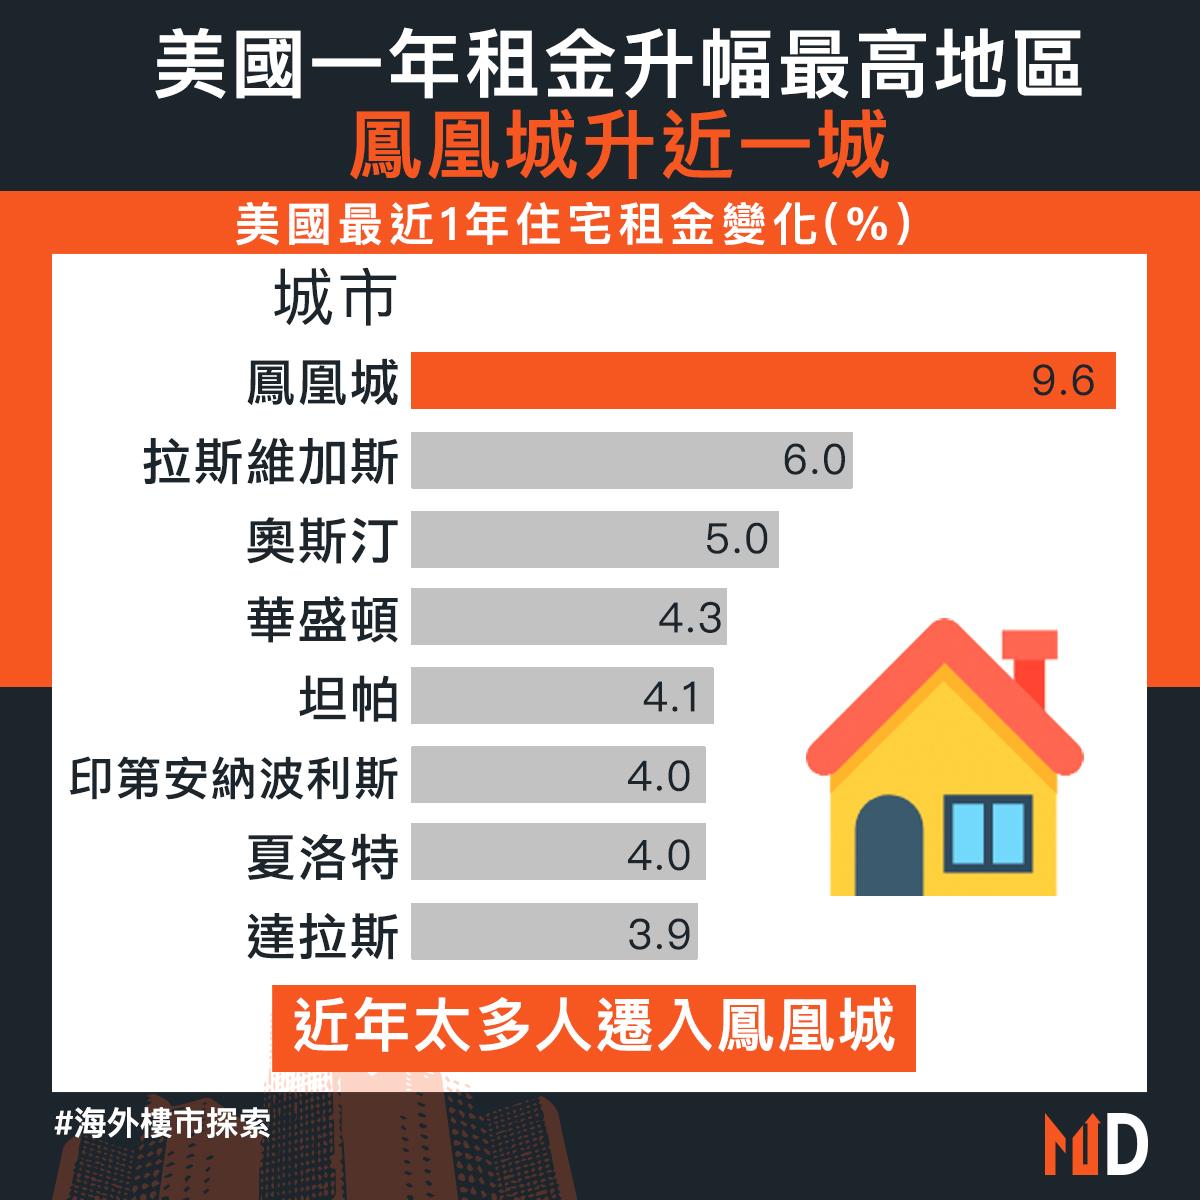 【海外樓市探索】美國一年租金升幅最高地區鳳凰城升近一城